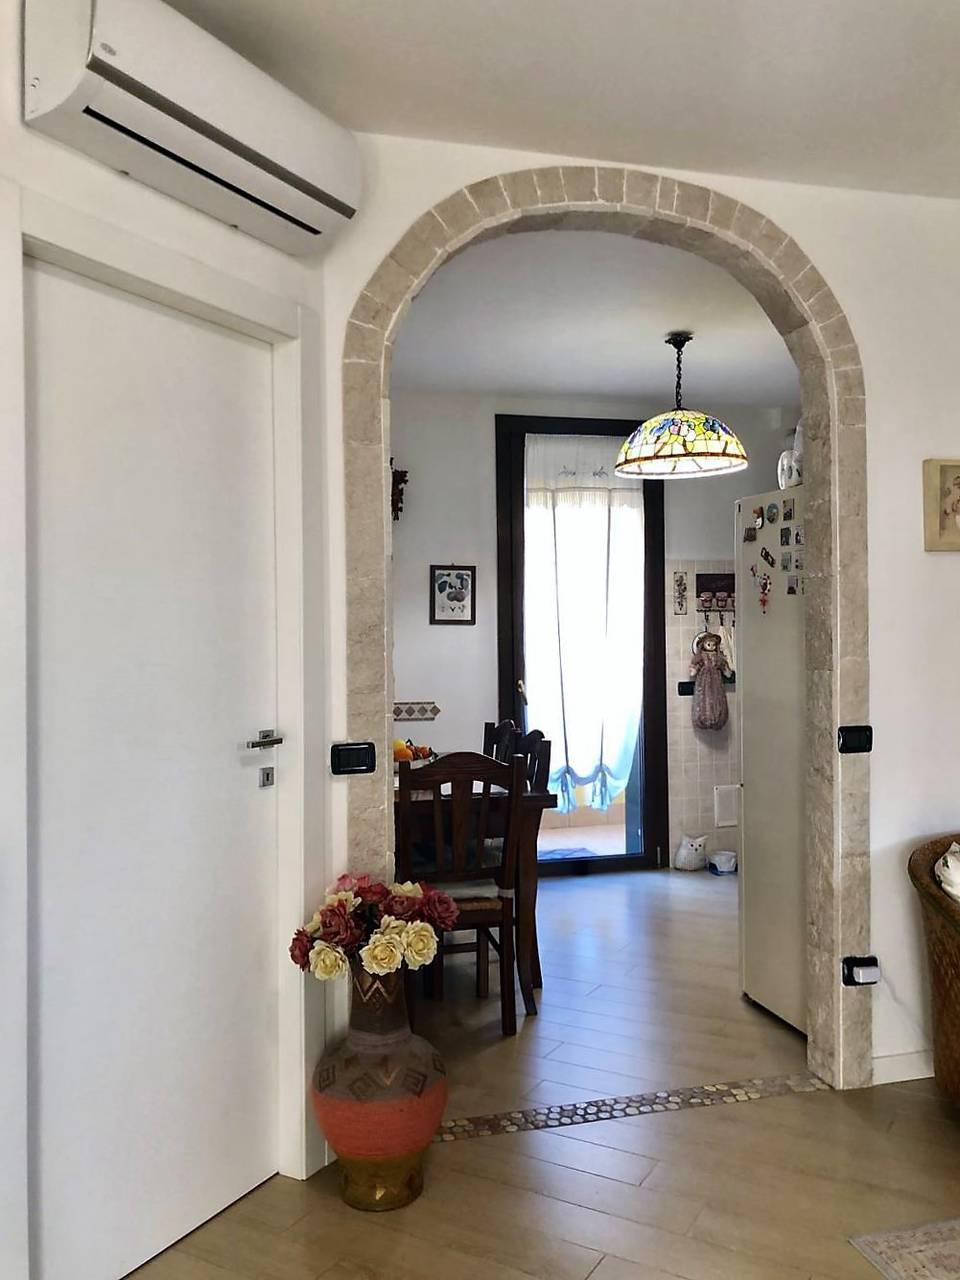 Appartamento-4-locali-con-giardino-in-vendita-a-Carnate-8